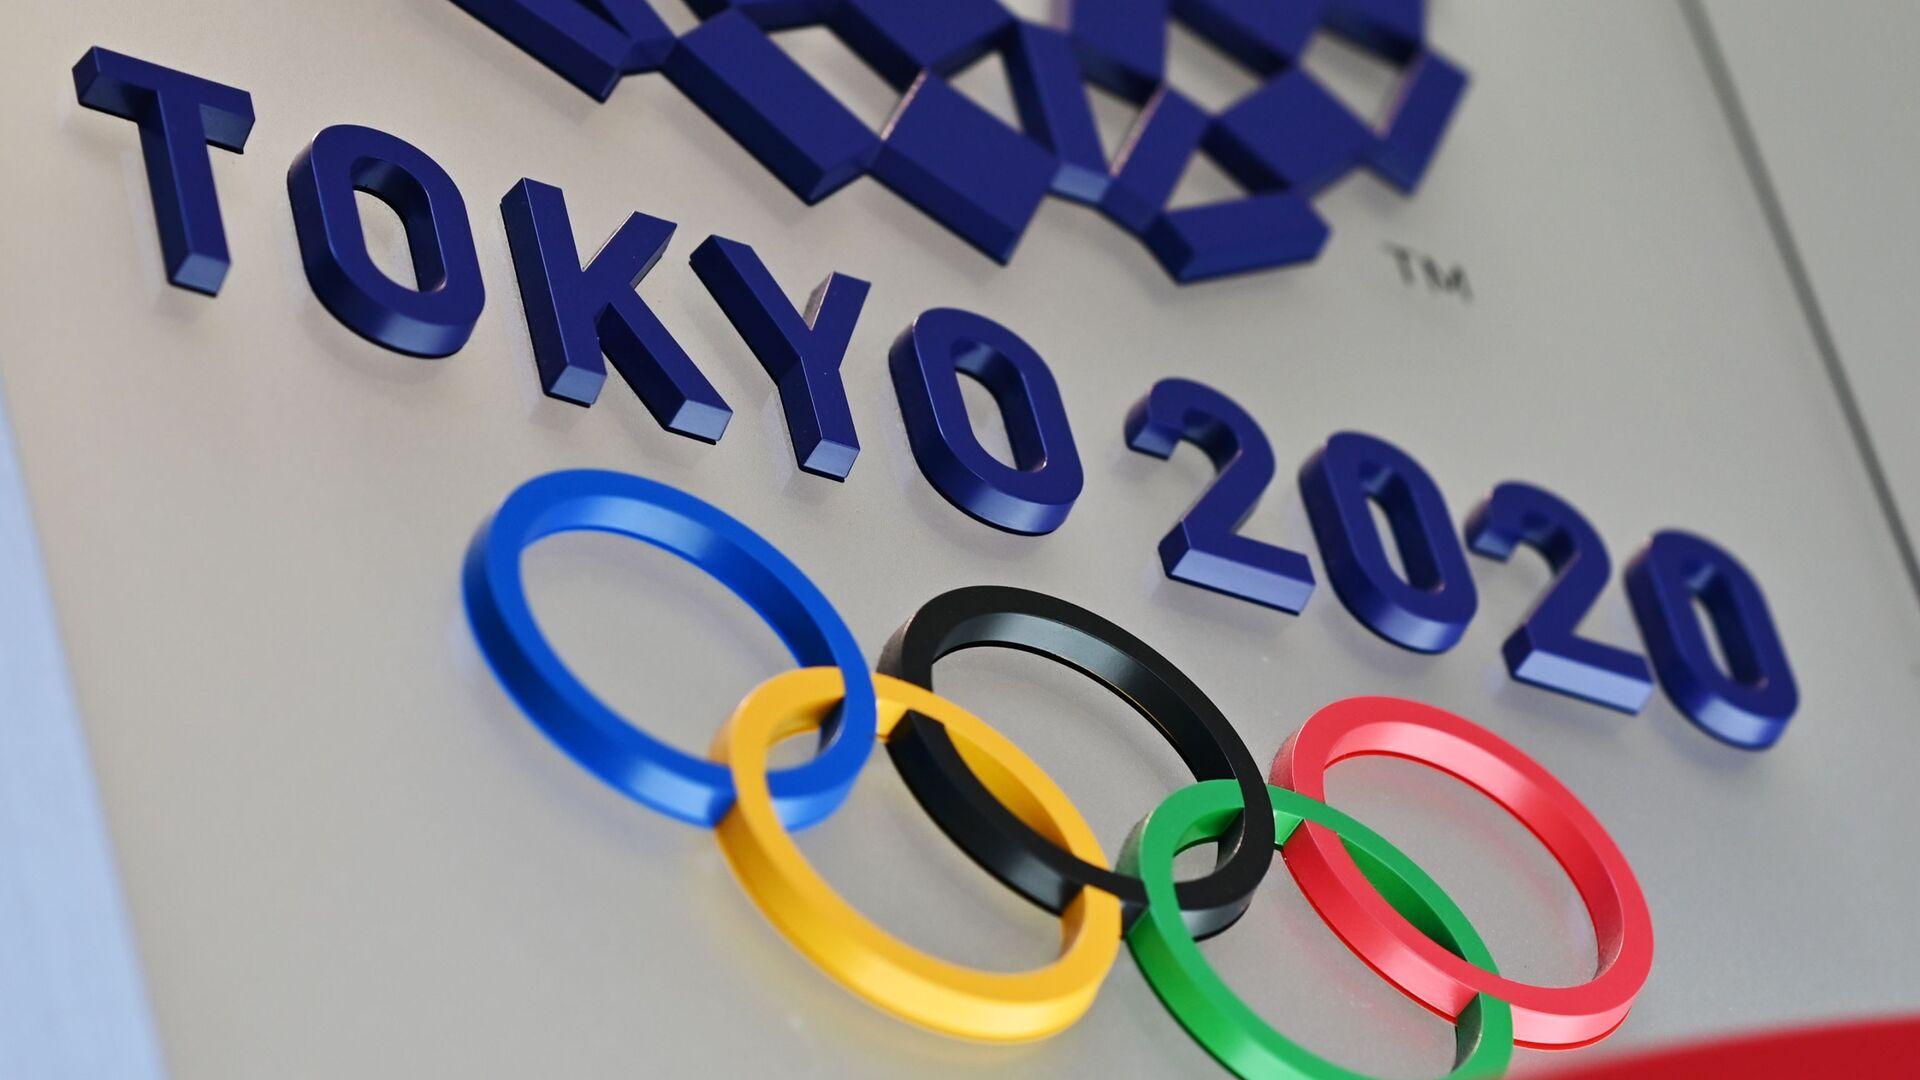 Ολυμπιακοί Αγώνες Τόκιο 2020 - Sputnik Ελλάδα, 1920, 24.07.2021